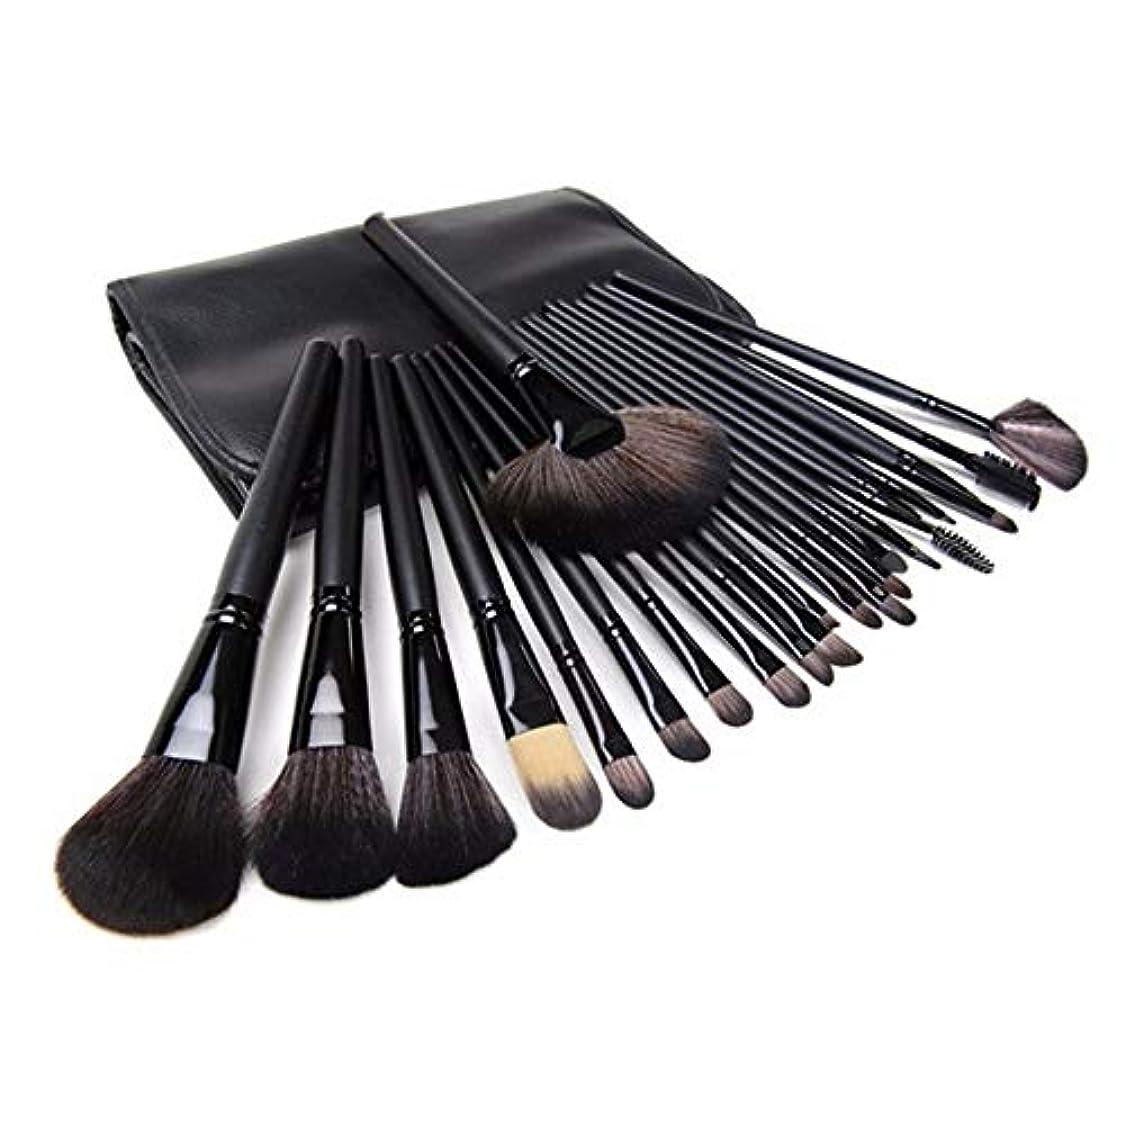 中古ハング所得Makeup brushes メイクアップバッグ、24ピースメイクアップブラシ完熟セミシンセティックファンデーションブラッシュコンシーラーアイシャドウリップバーム、メイクアップブラシセット suits (Color :...